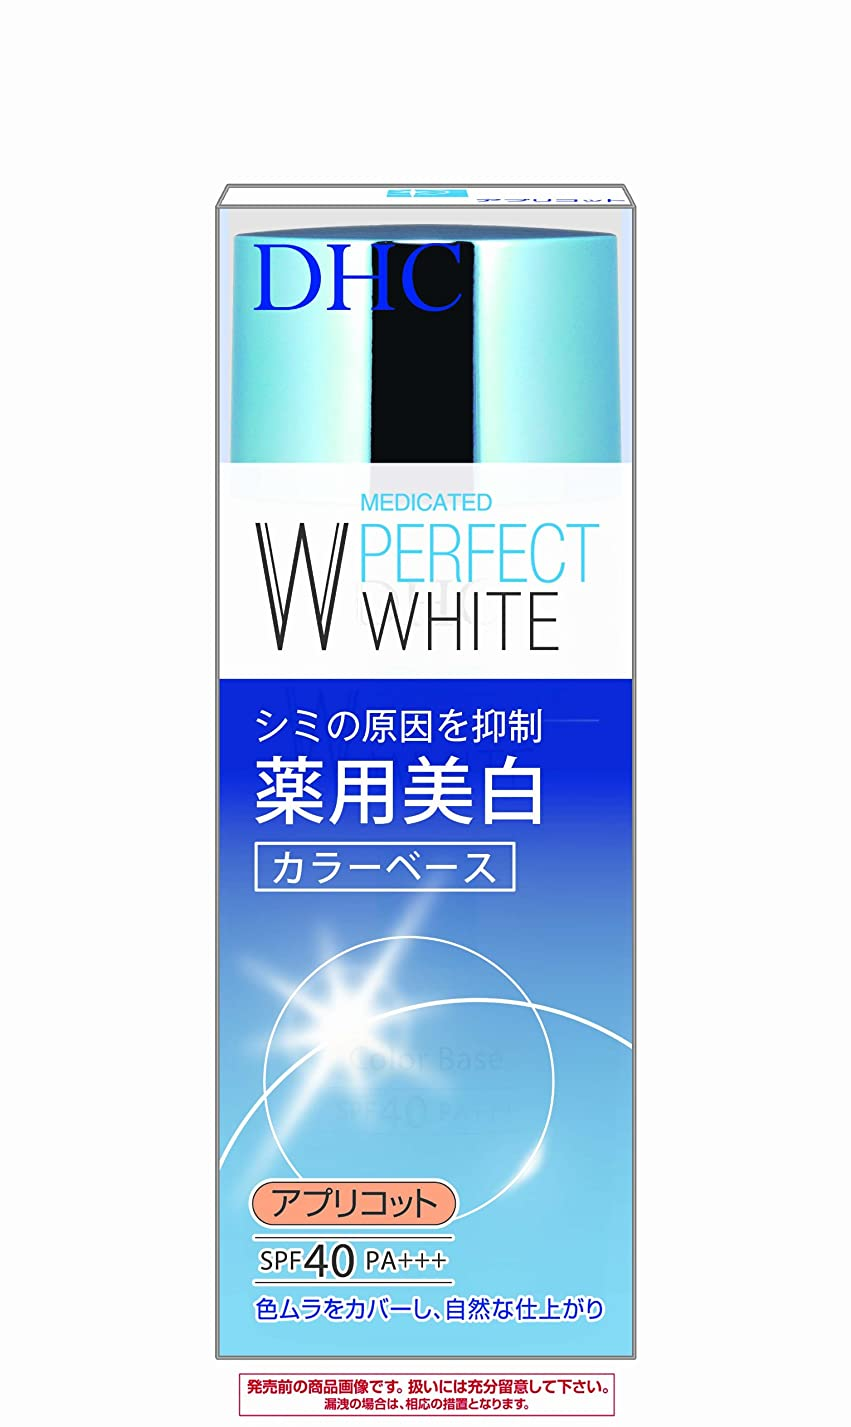 DHC薬用PWカラーベースアプリコット30g